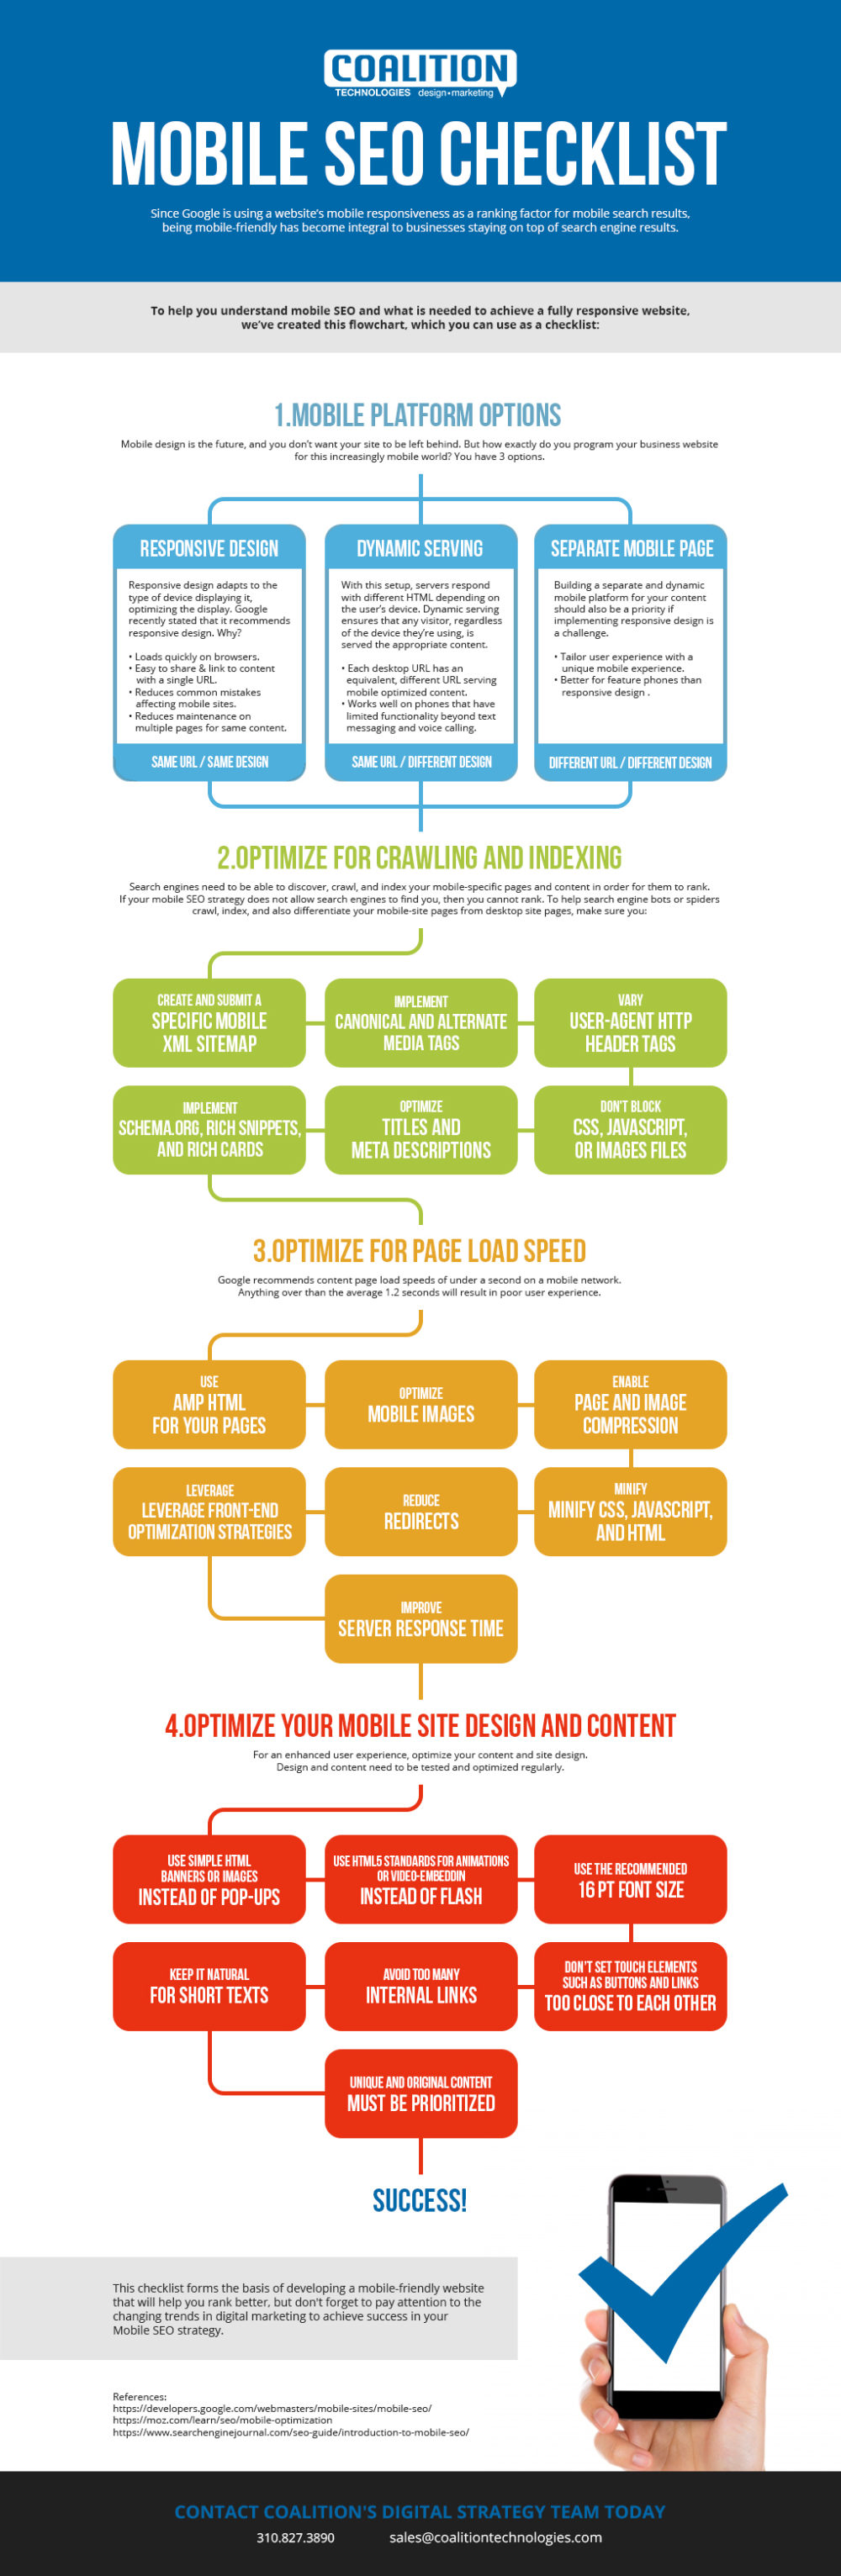 Mobile SEO Checklist